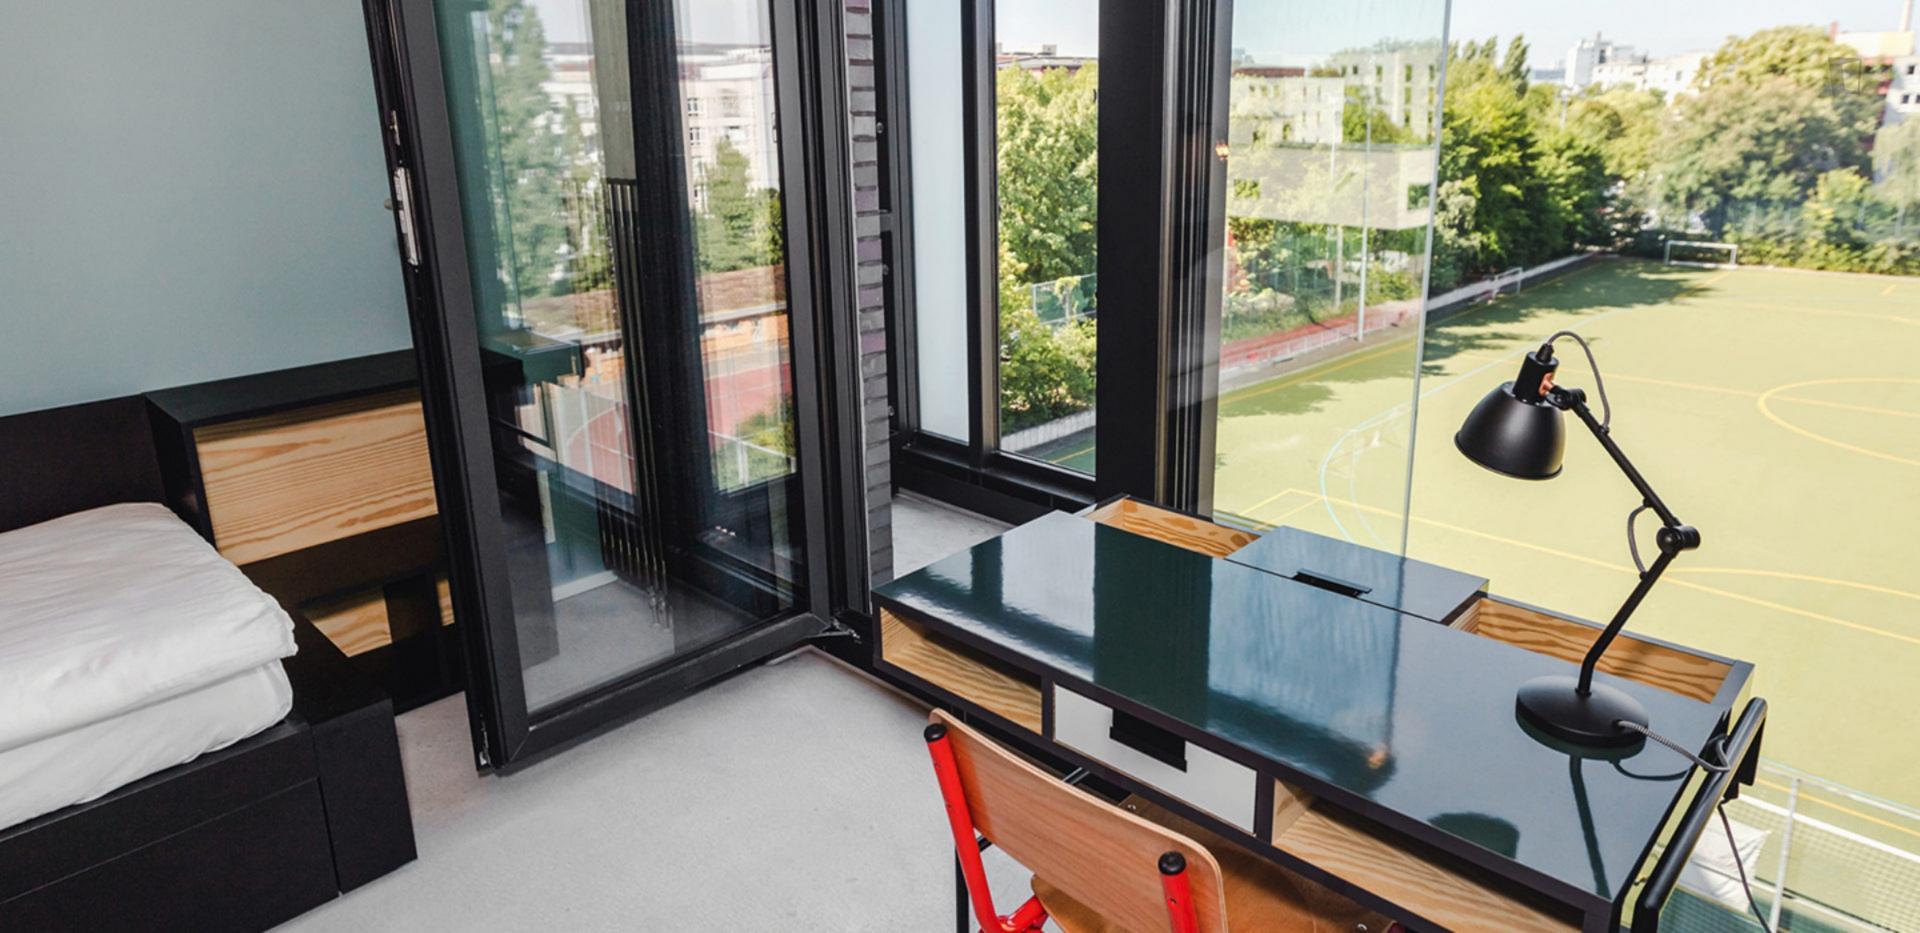 Stralsunder 2 - Studio in residence in Berlin